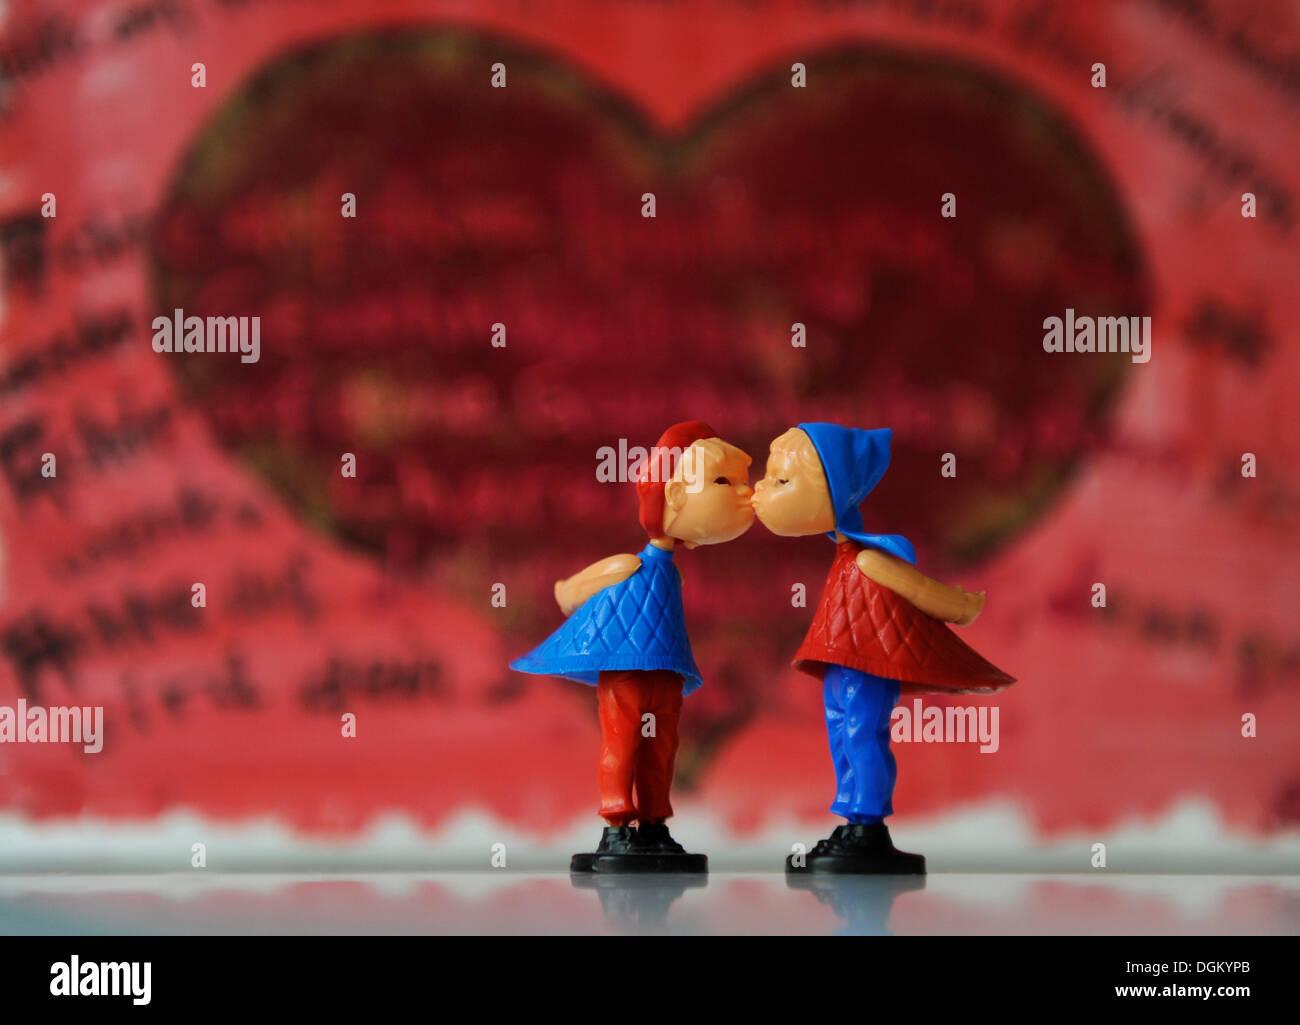 Kissing figure, immagine simbolica per amore, partenariato, matrimonio Immagini Stock